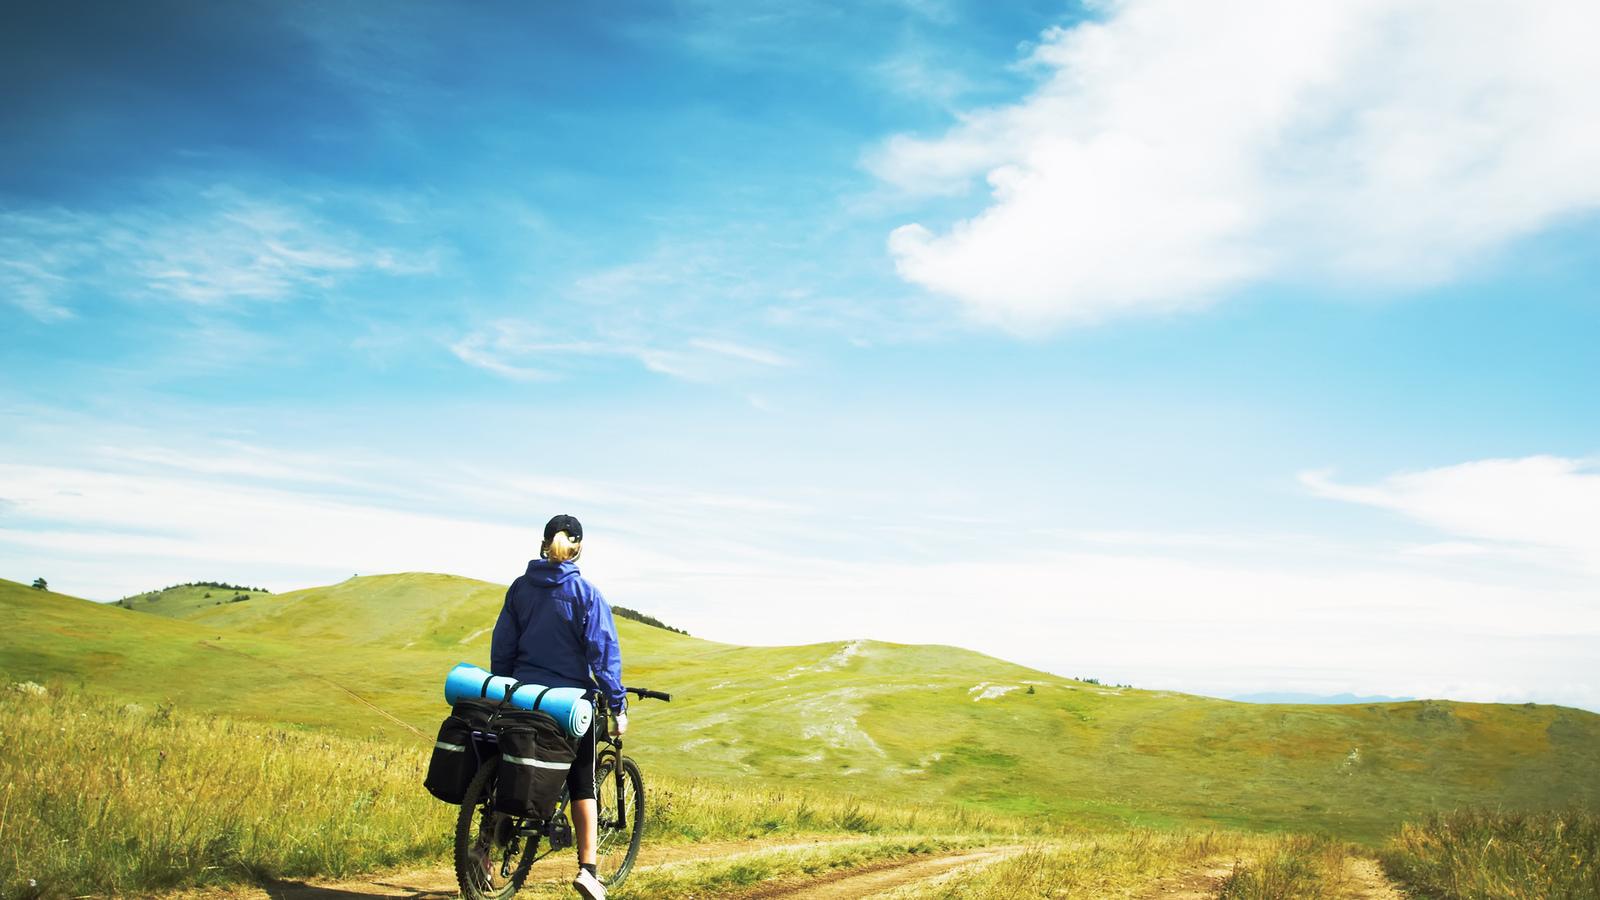 Как перестать откладывать и начать путешествовать: полезные советы